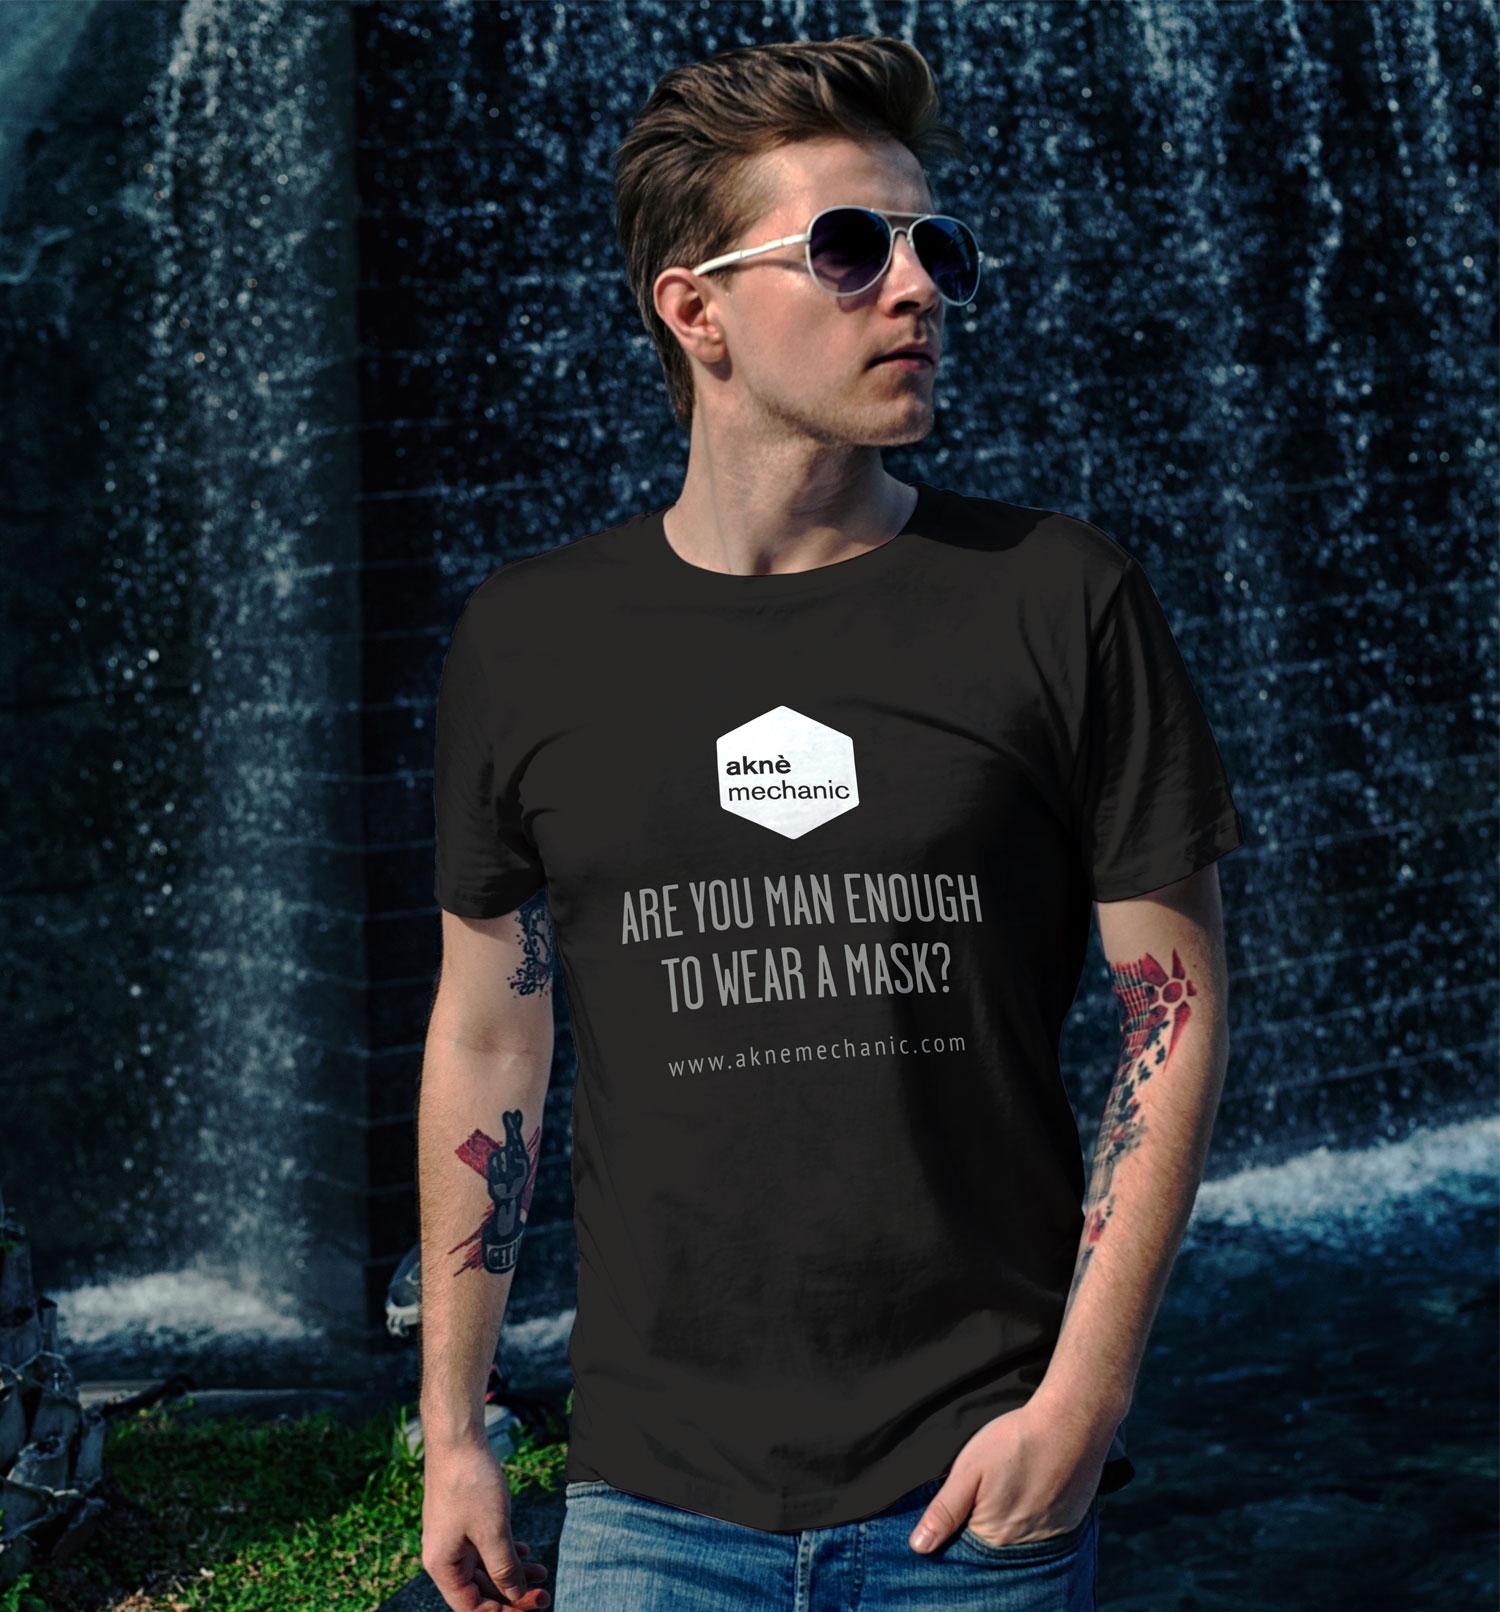 aknè mechanic t-shirt design